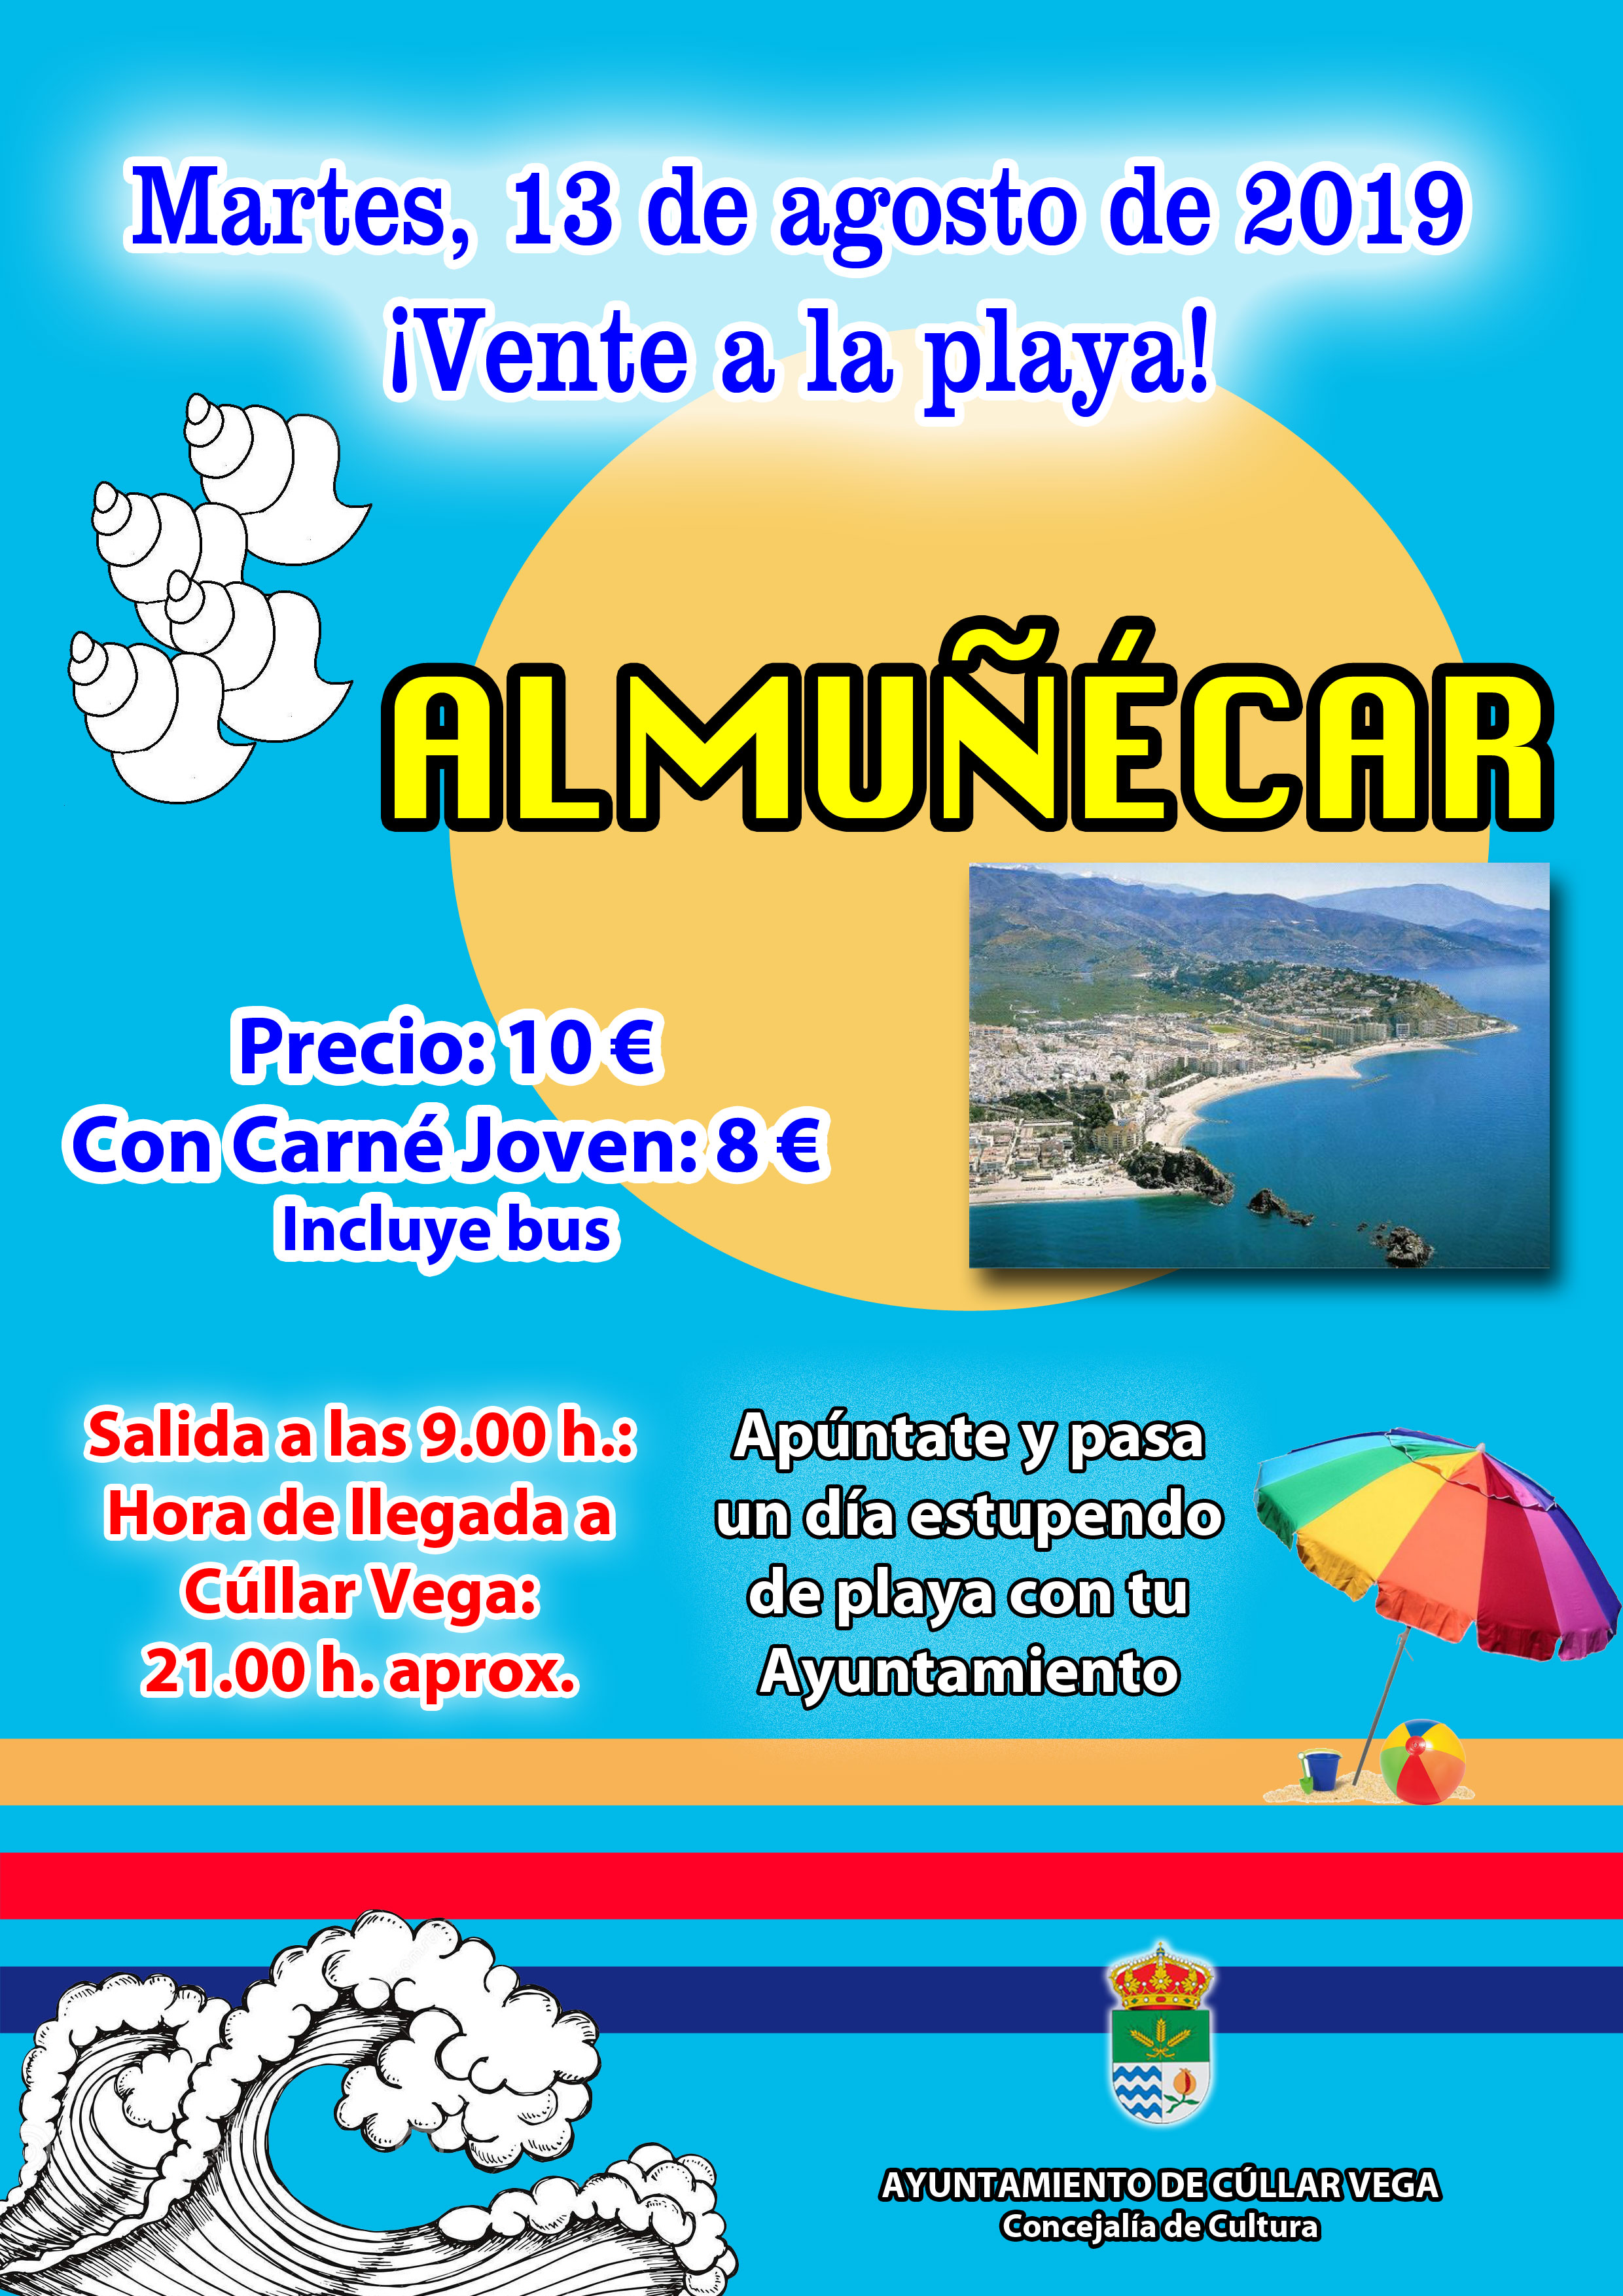 ¡Vente a la playa! Playa de Almuñecar